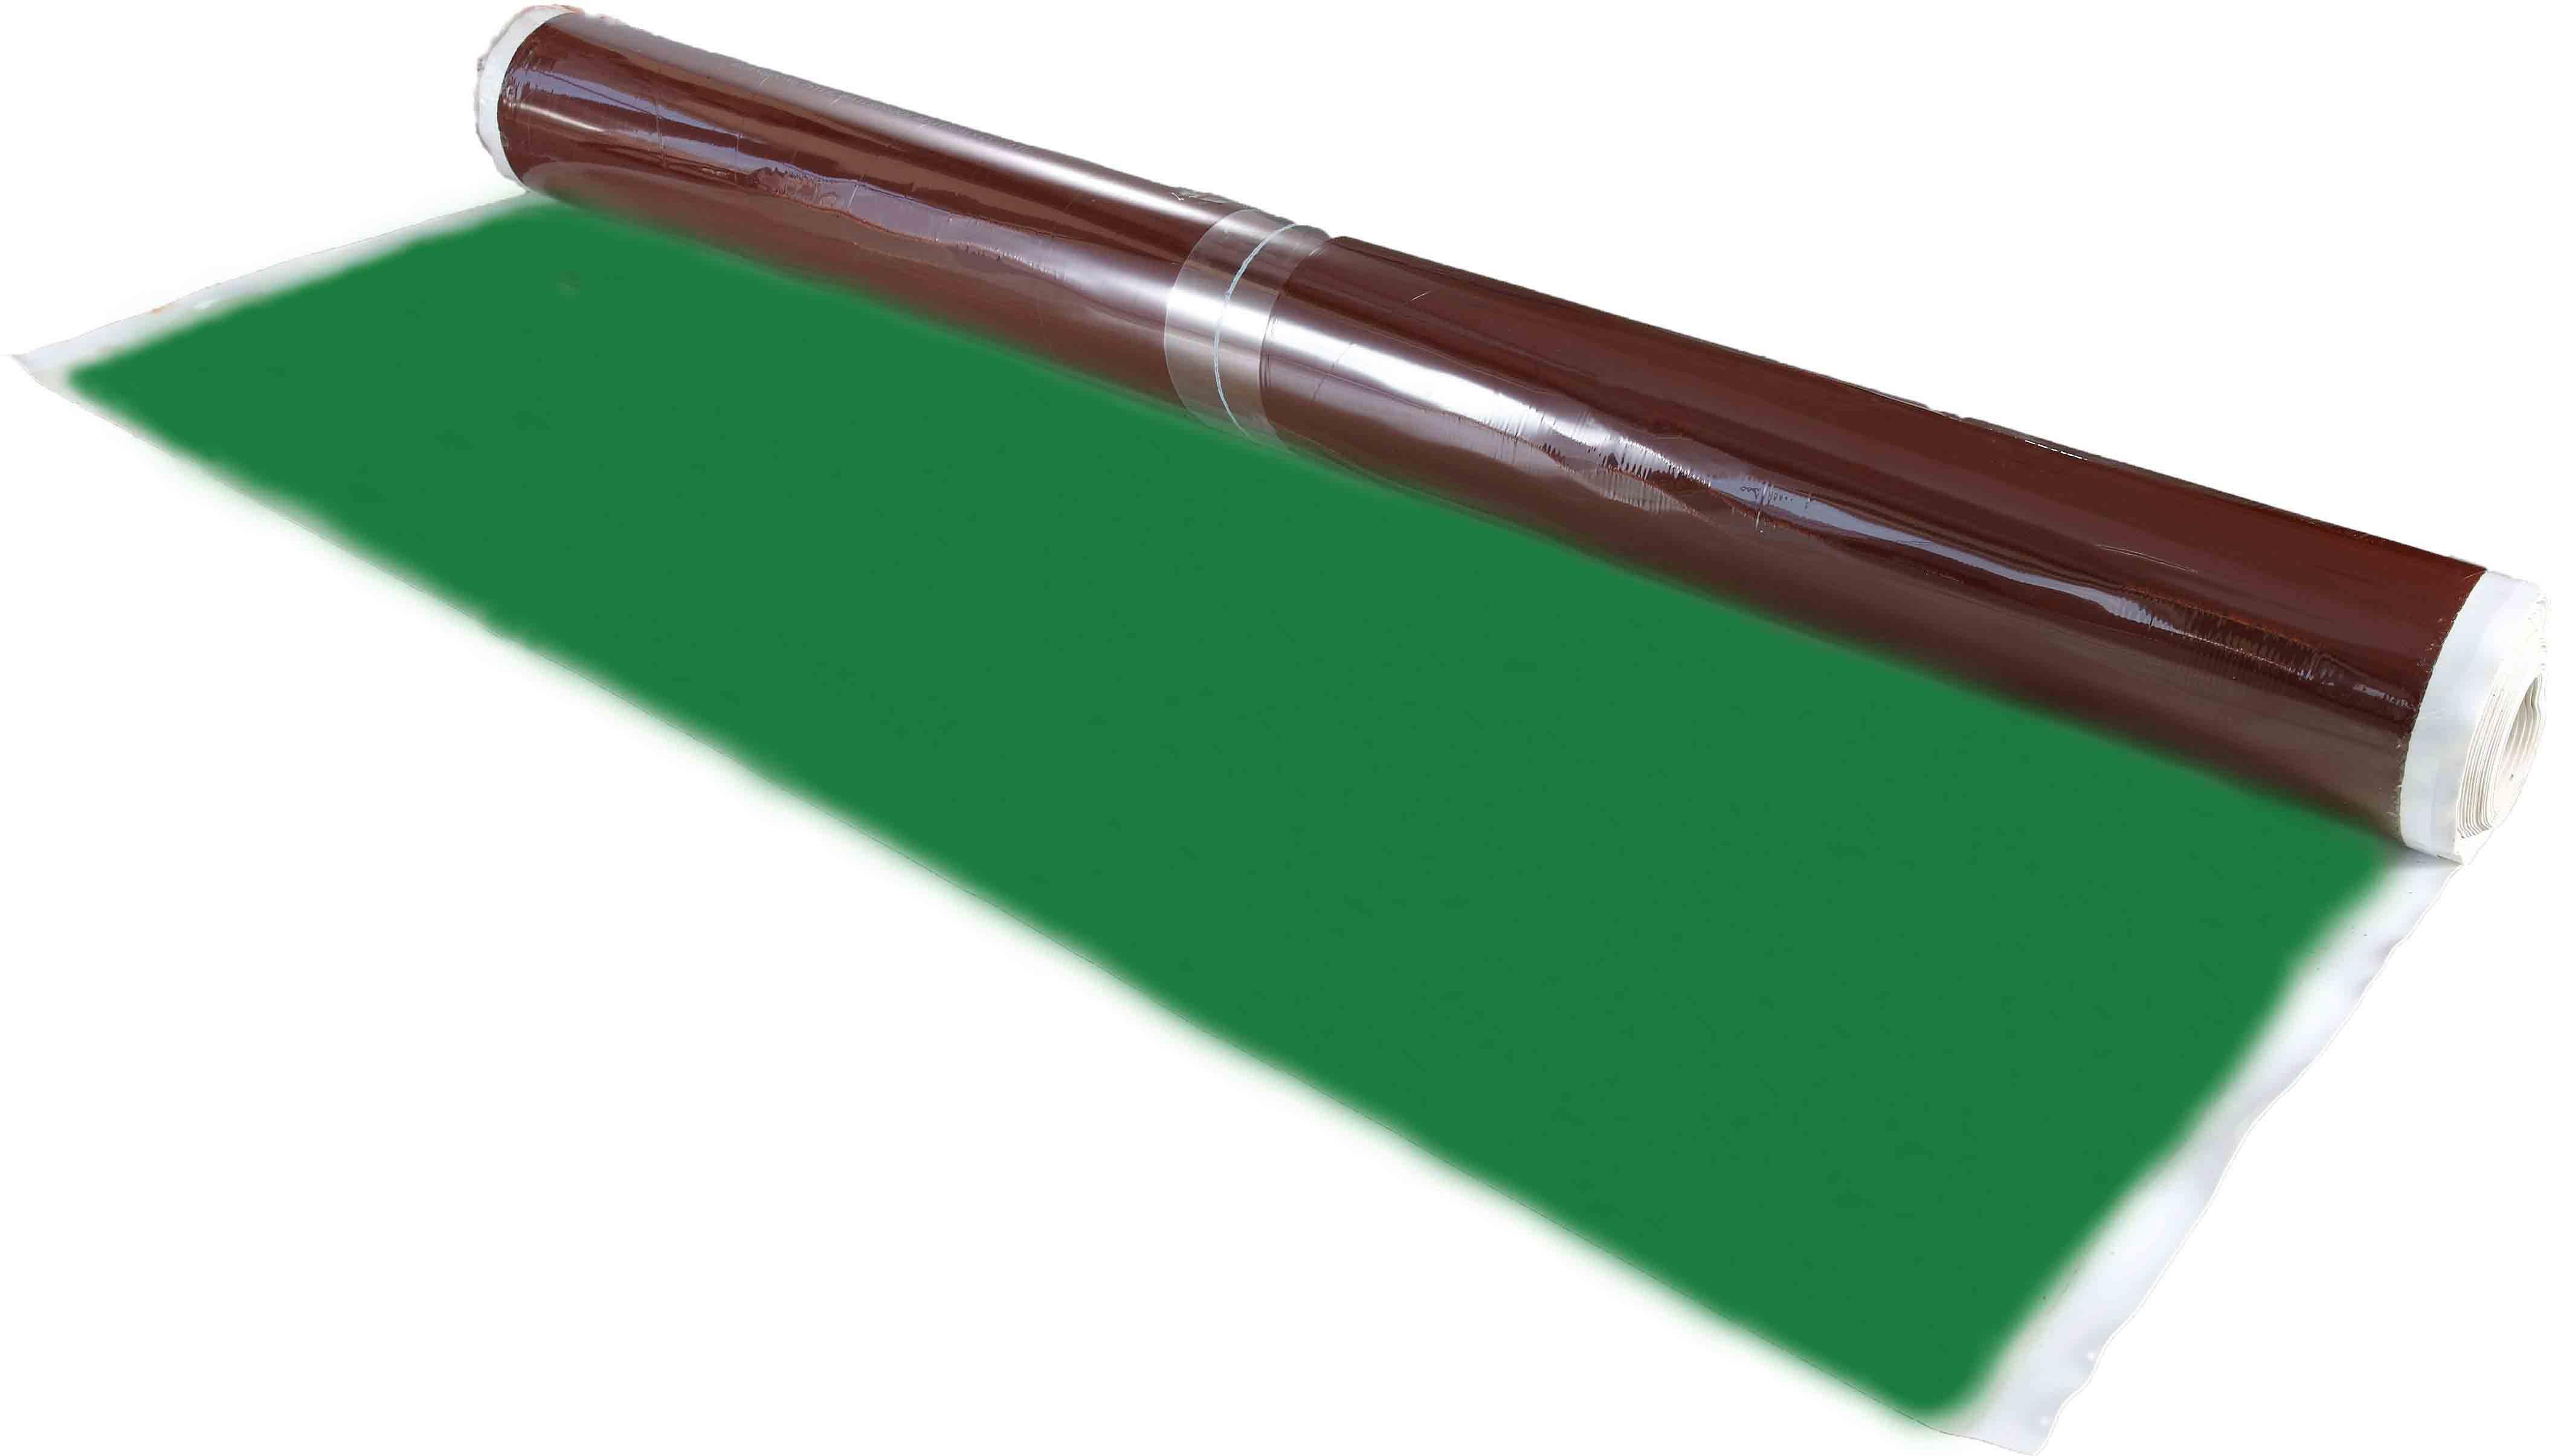 【眼见为实】丁基胶高分子预铺型防水卷材【批发】【价格】